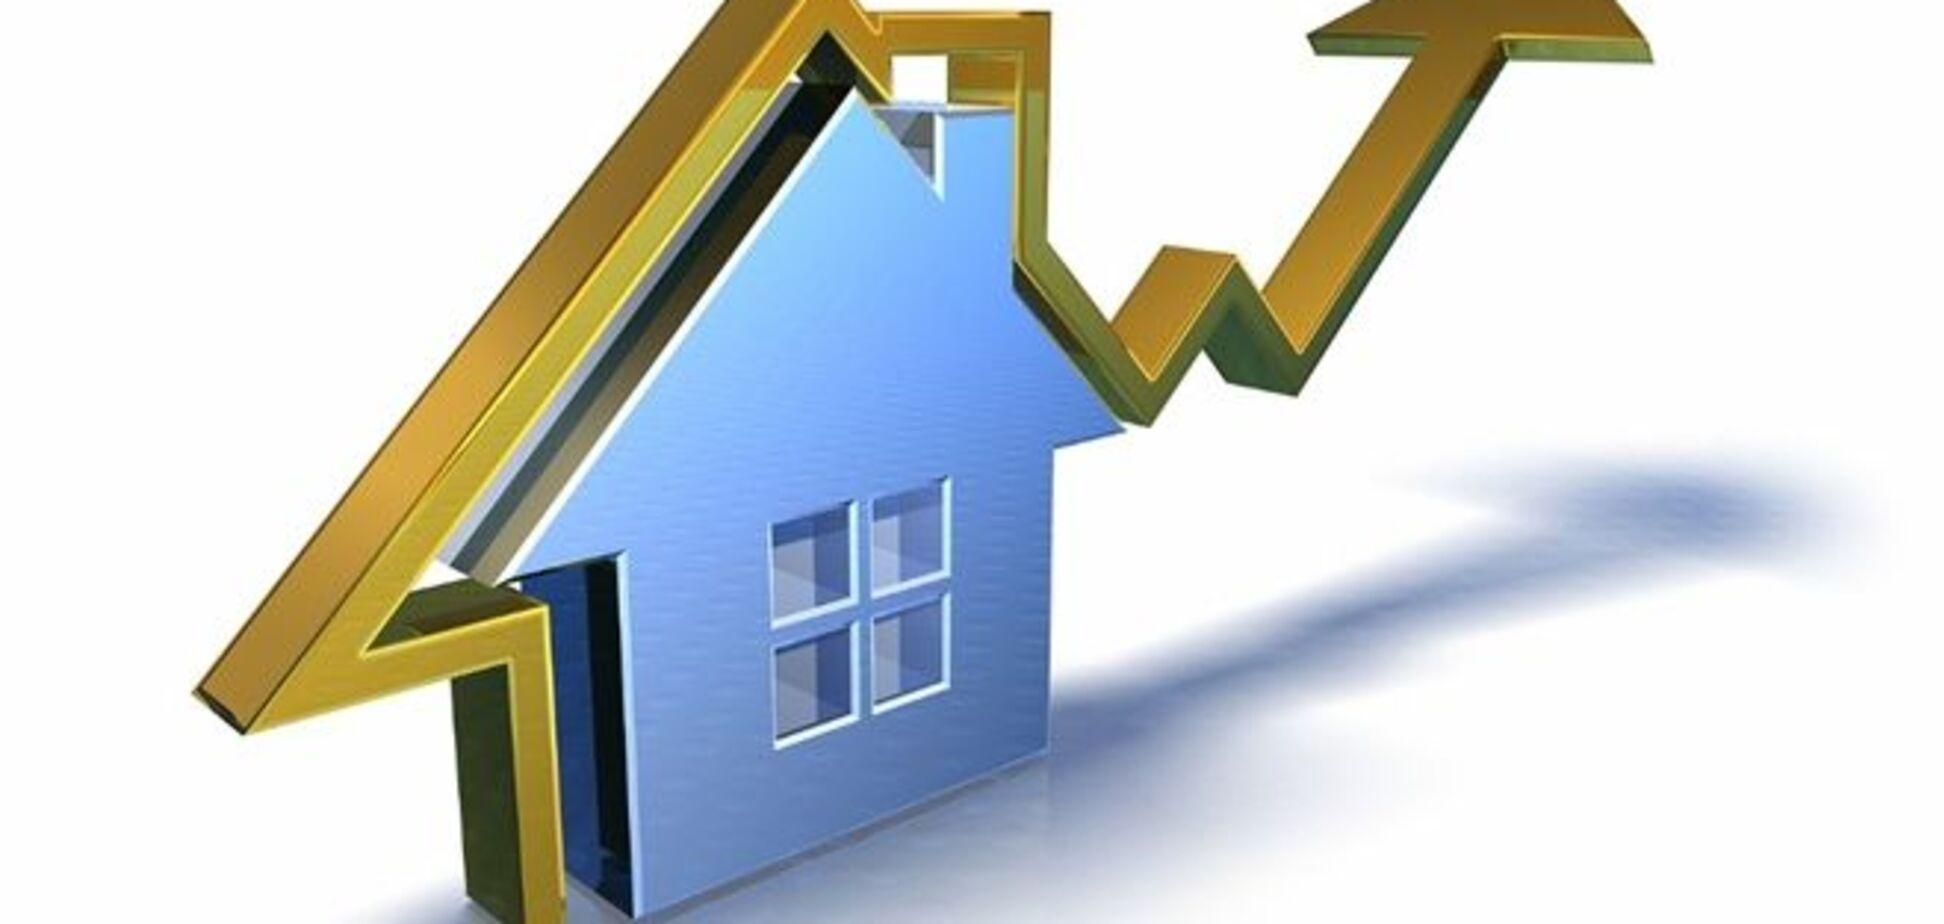 Число сделок на рынке недвижимости упало в разы